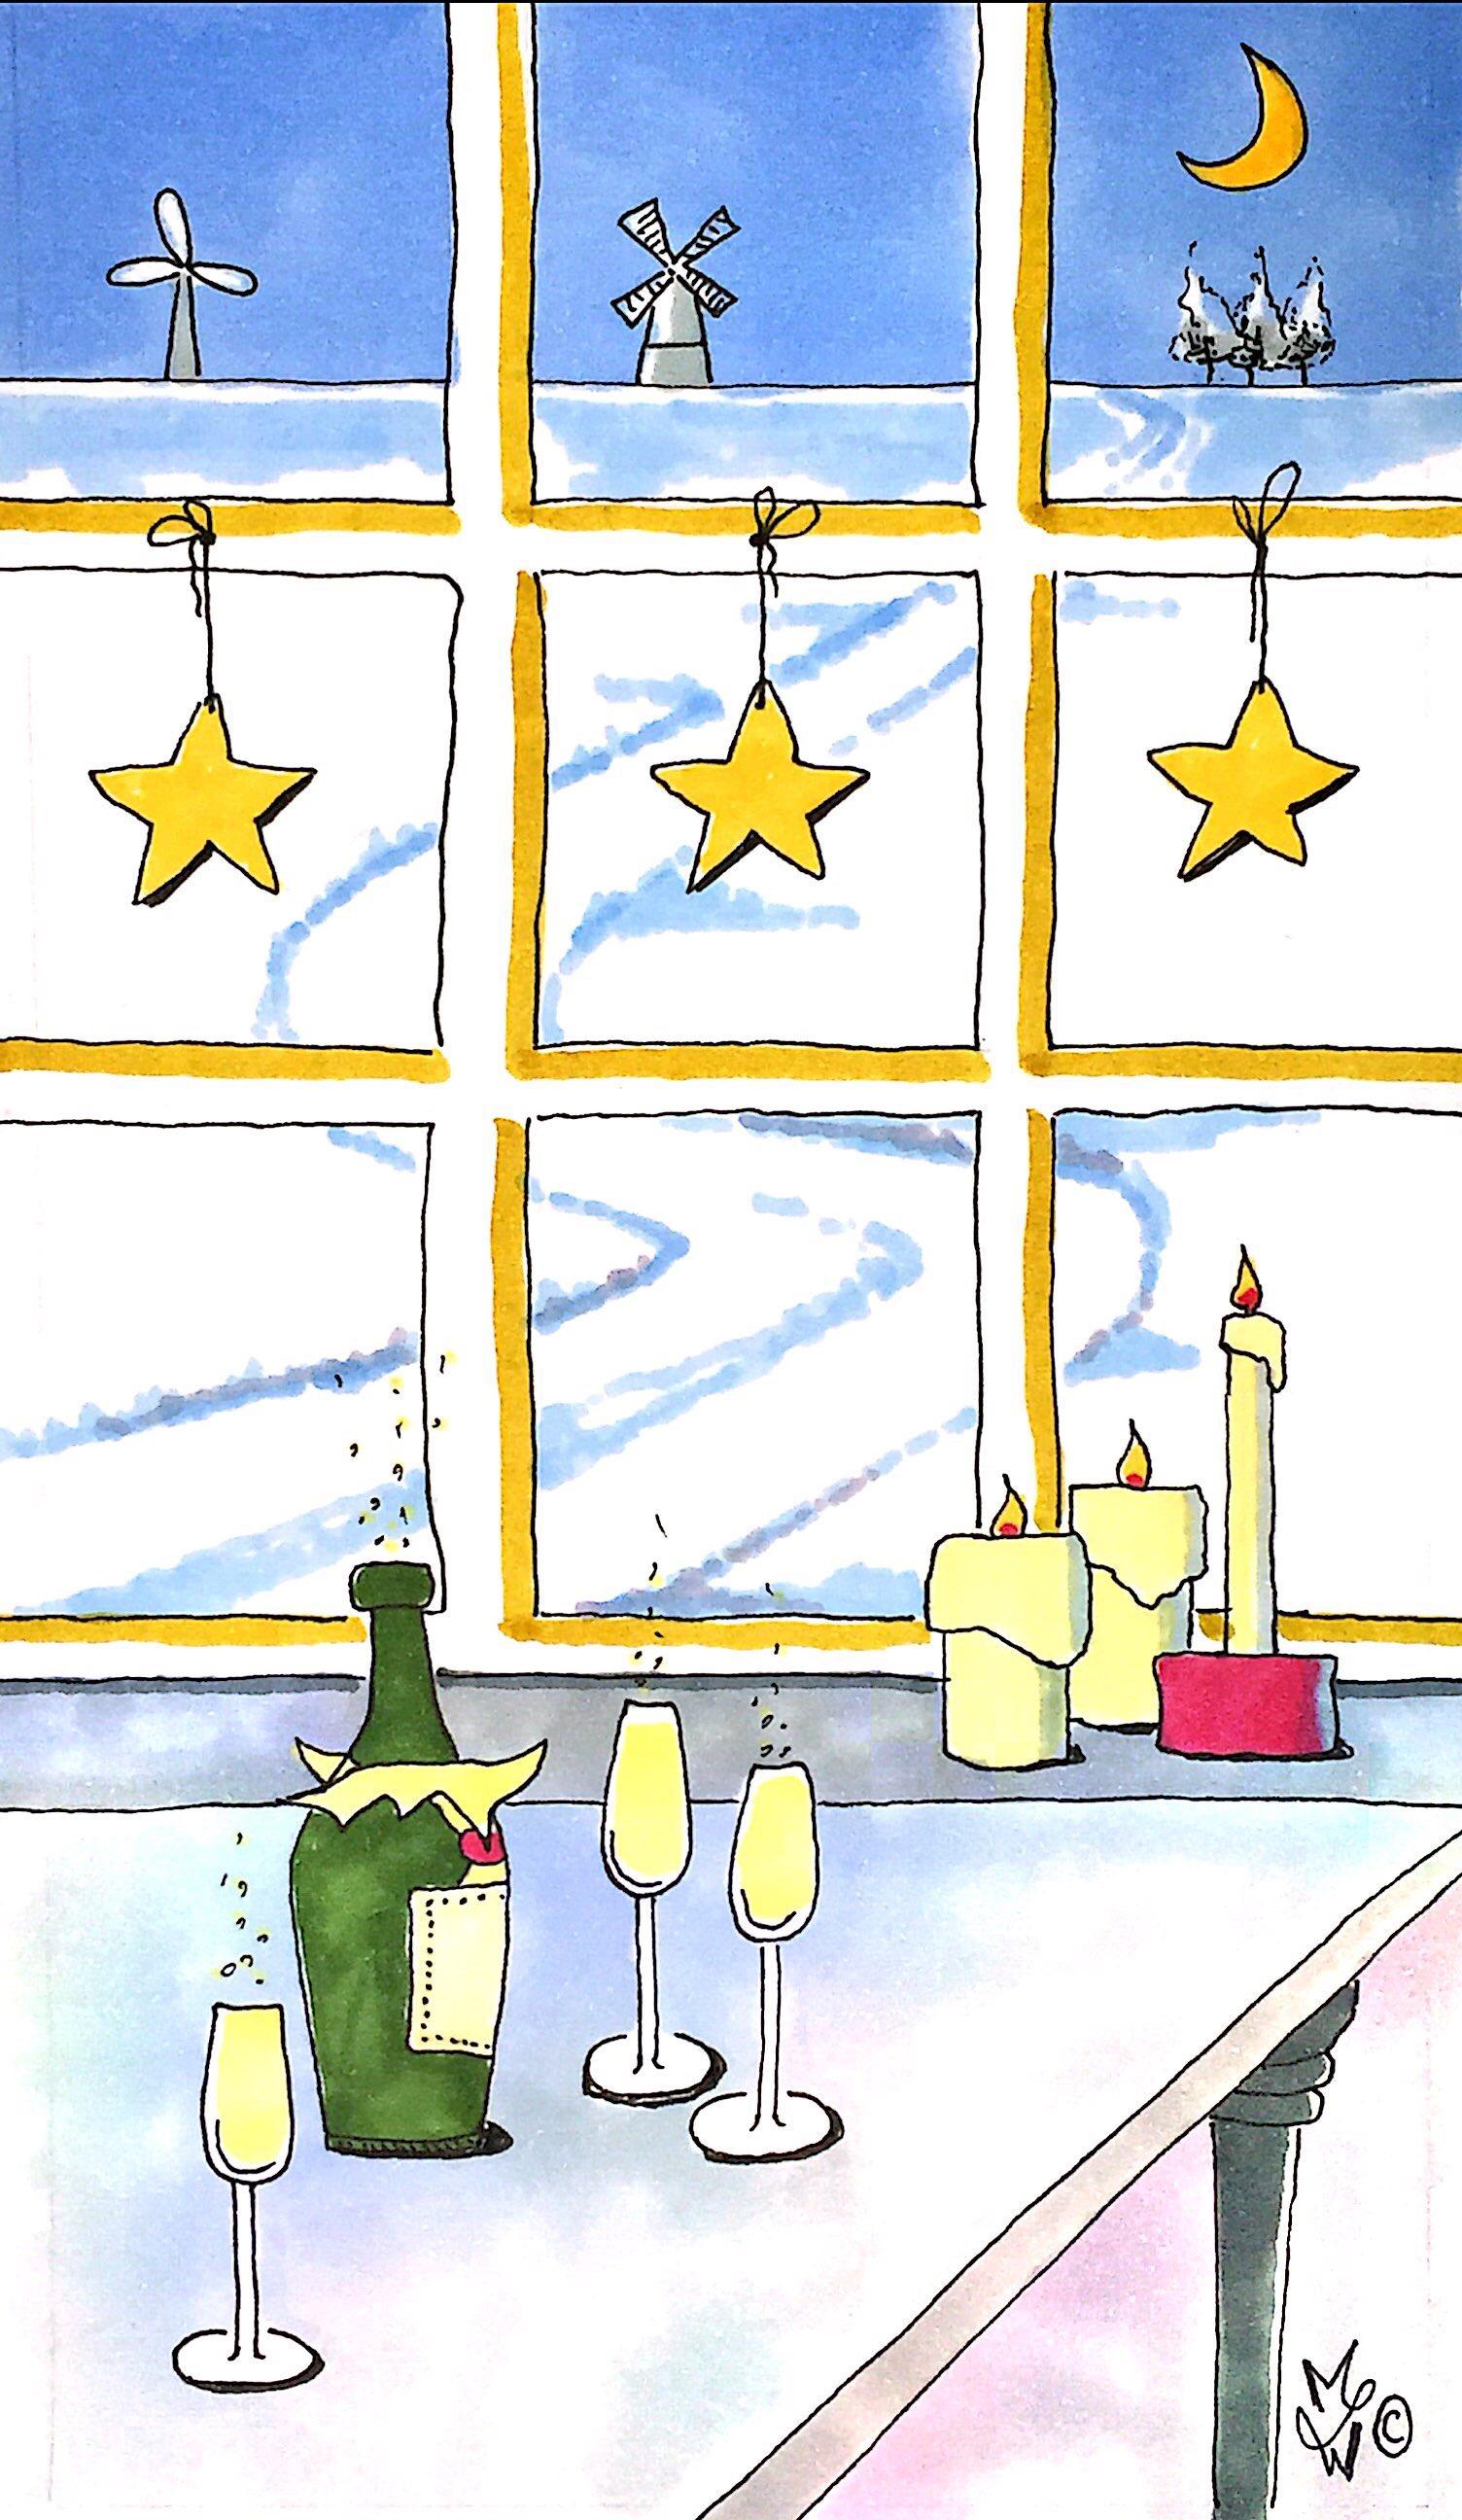 Nieuwjaarskaart uitzicht op winterlandschap